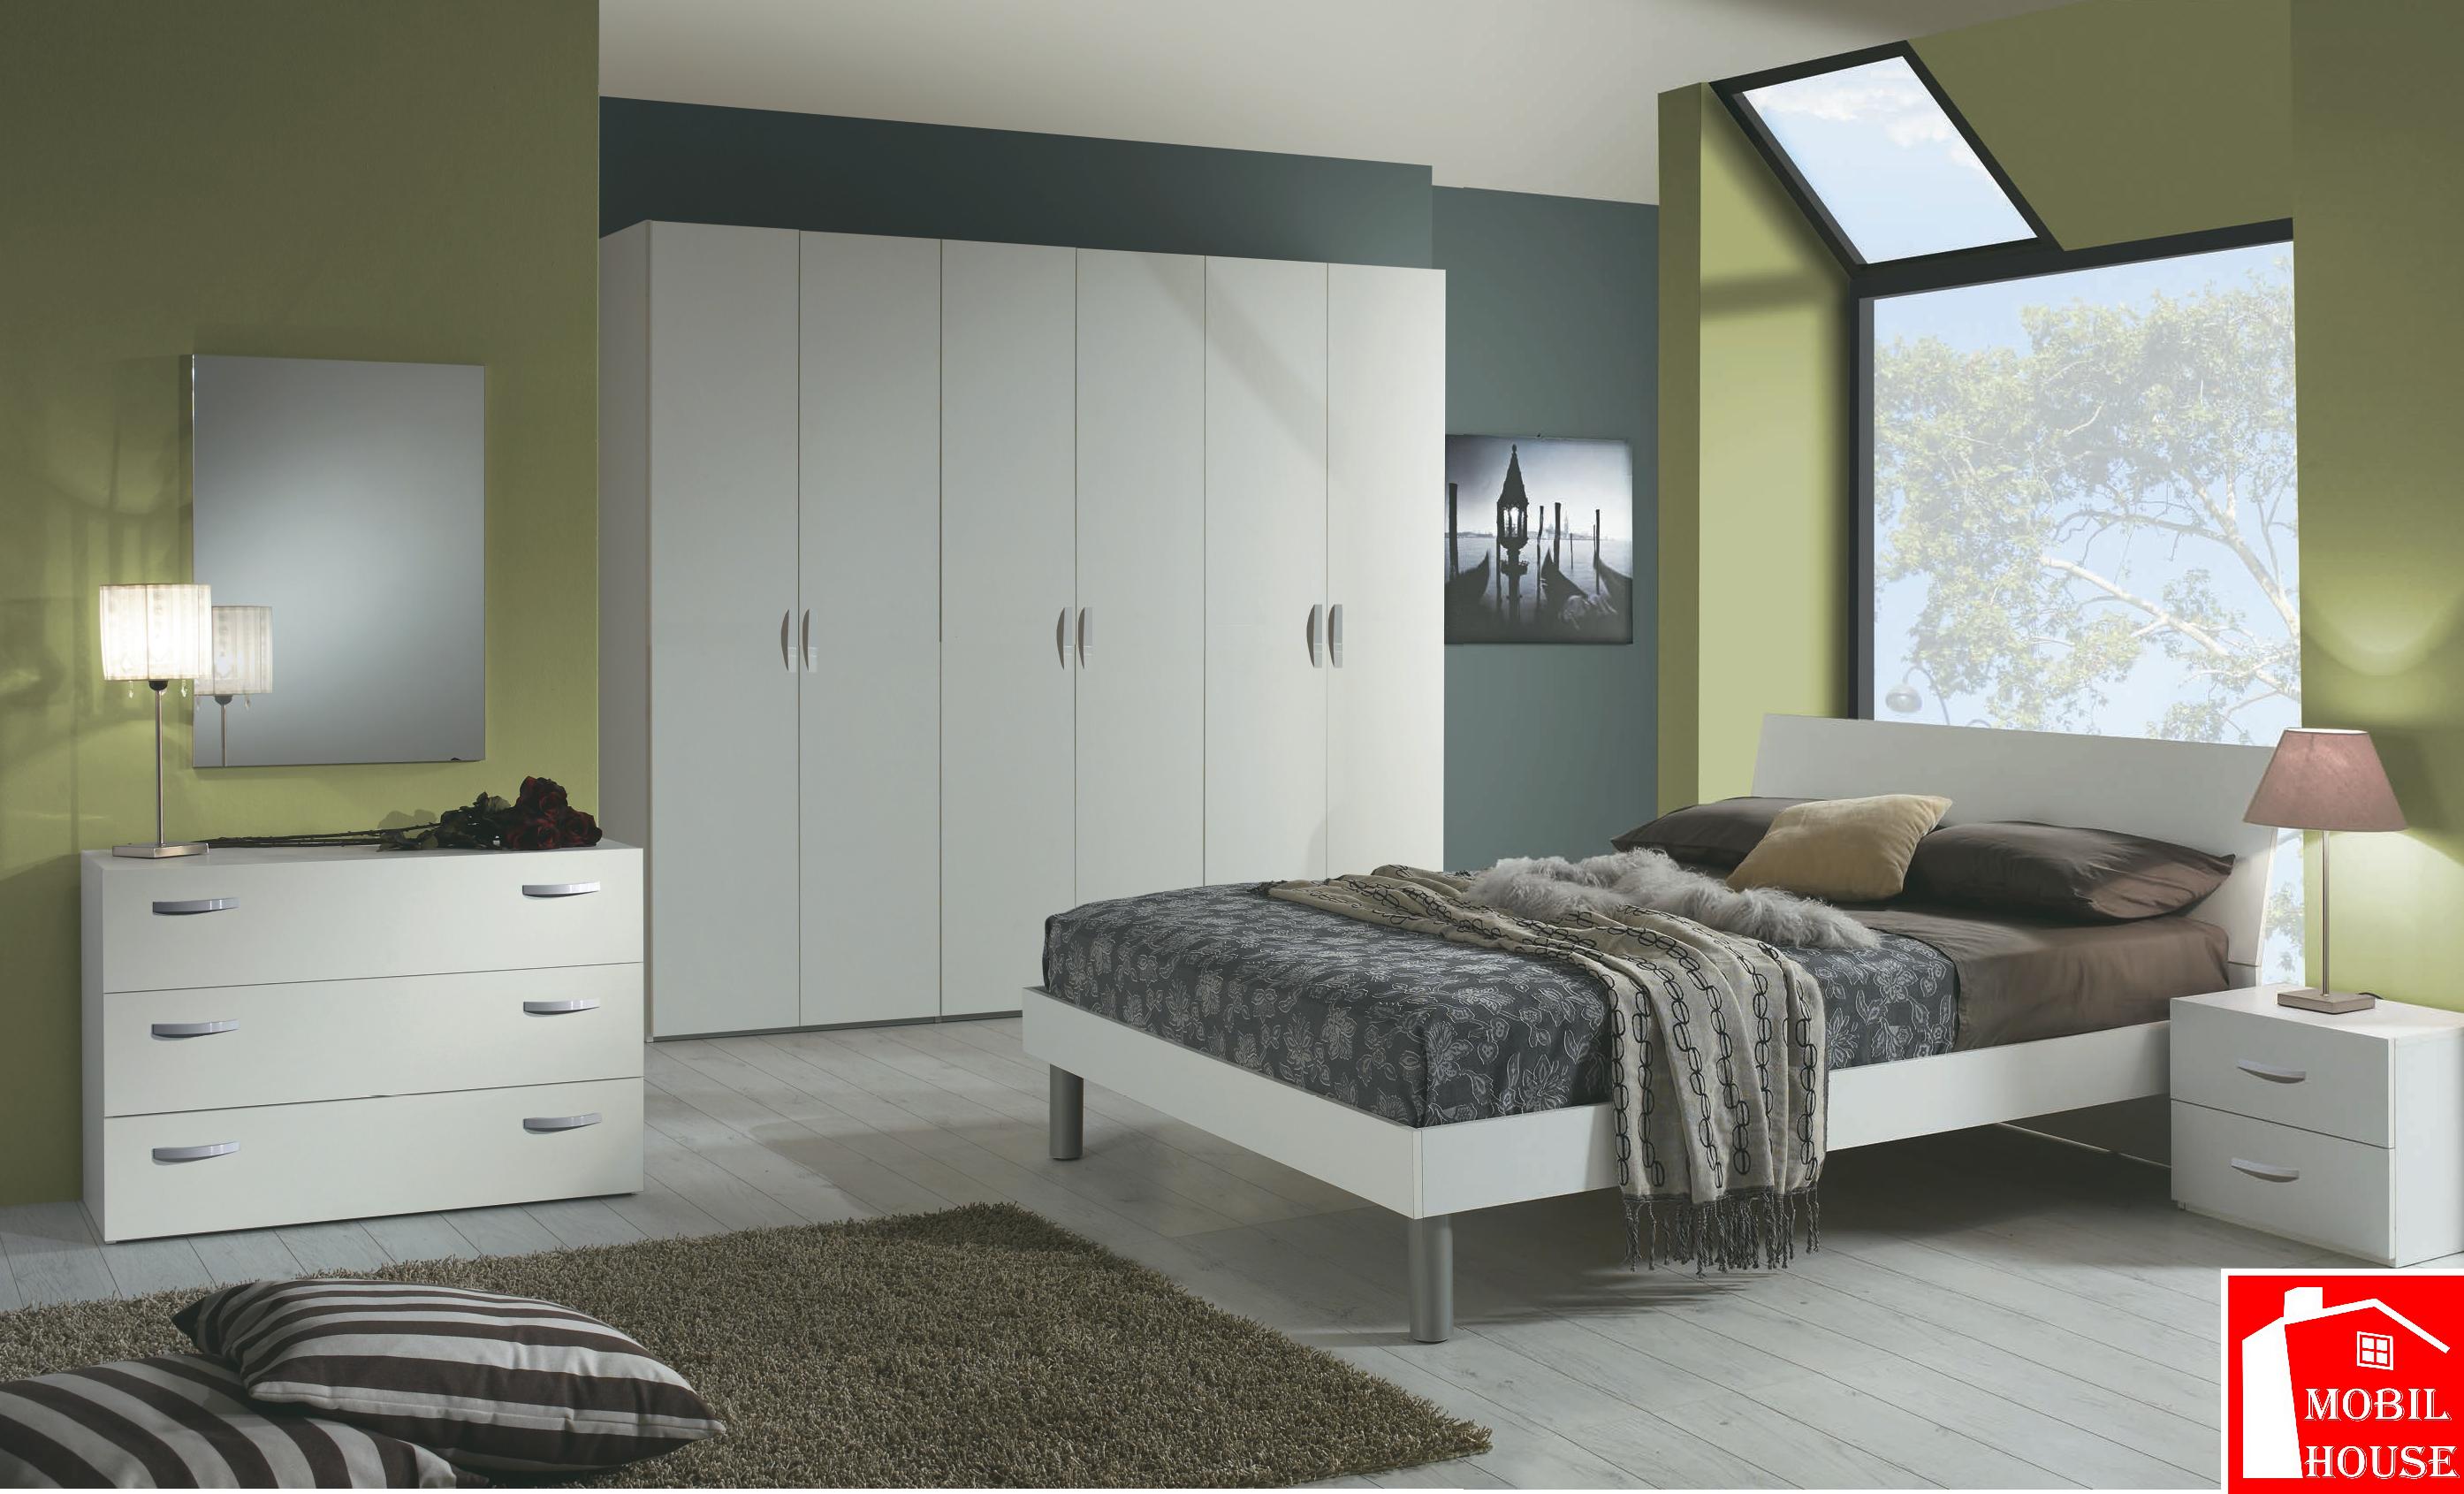 Camera da letto Rosy bianco frassino - MobilHouse Arredamenti